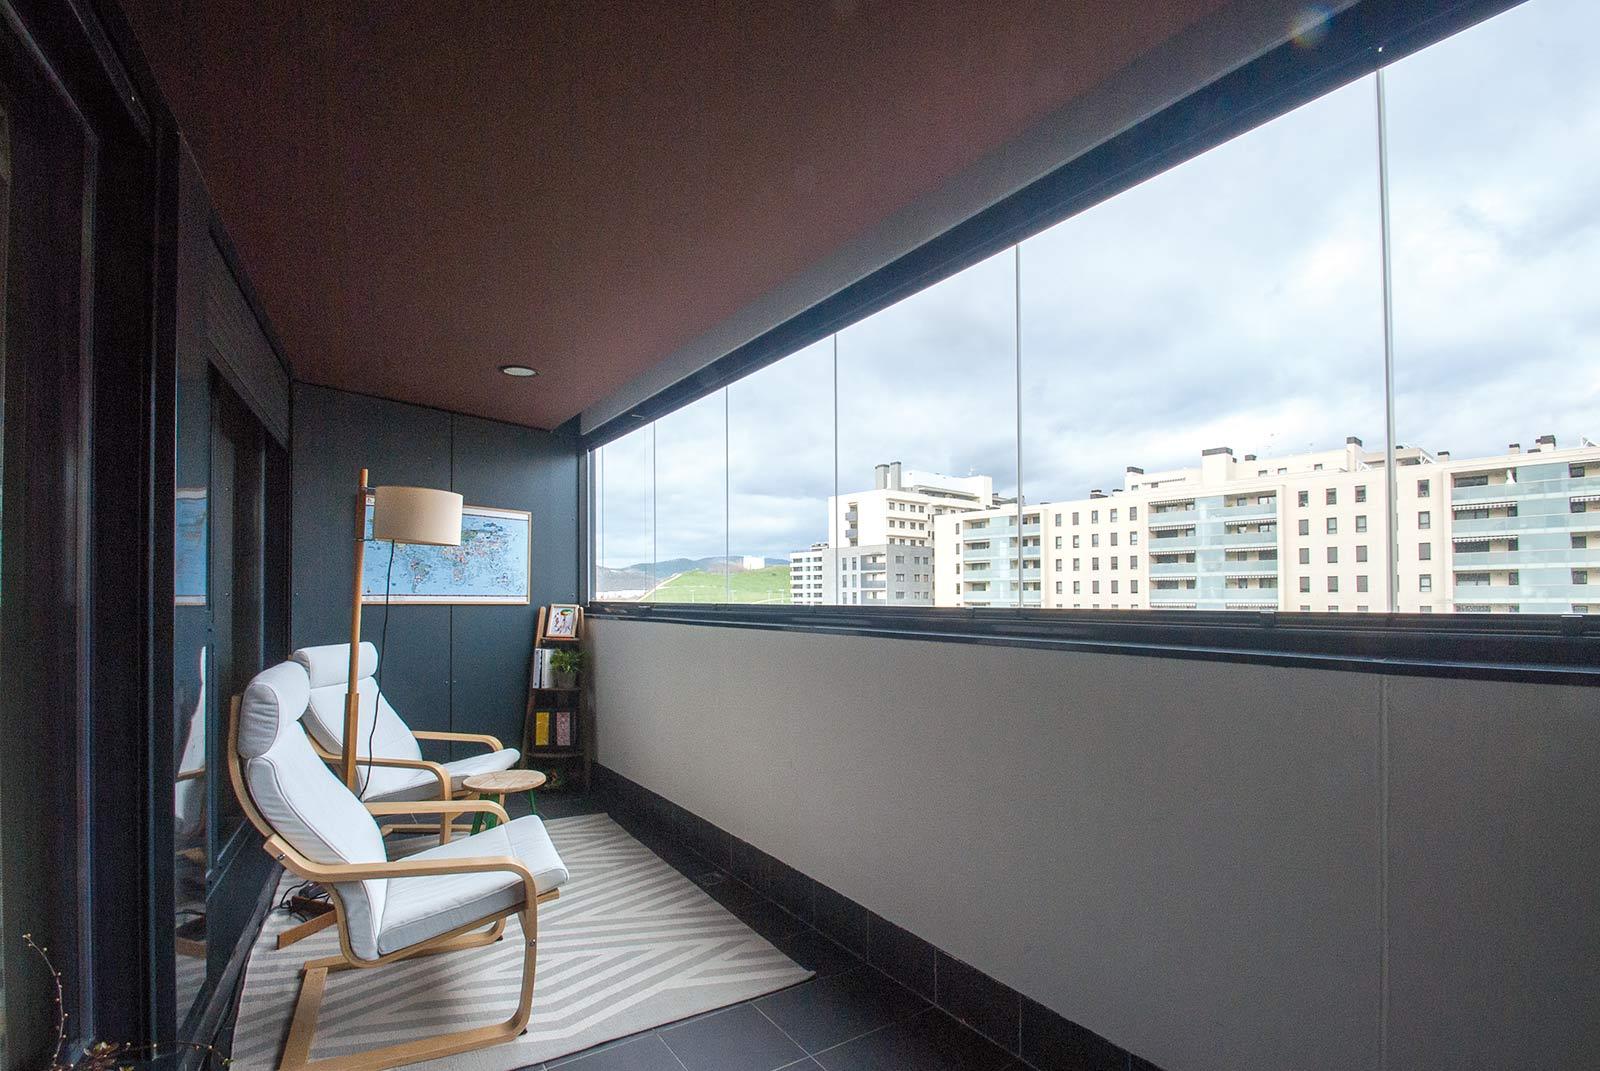 Como cerrar un balcon trendy imagen colure caulfield with - Cerrar balcon ...